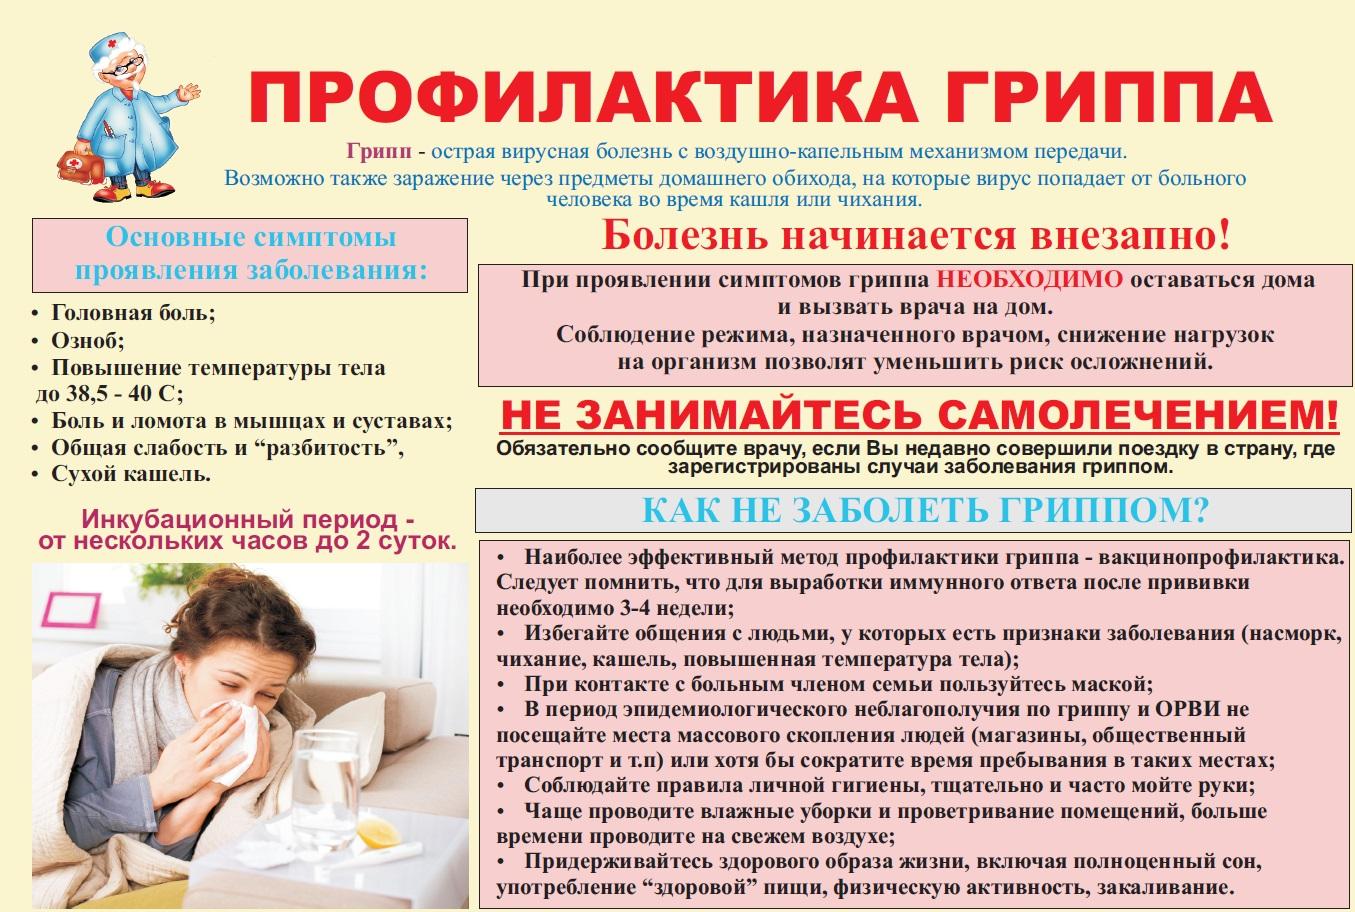 Профилактика орви, гриппа и простуды у детей